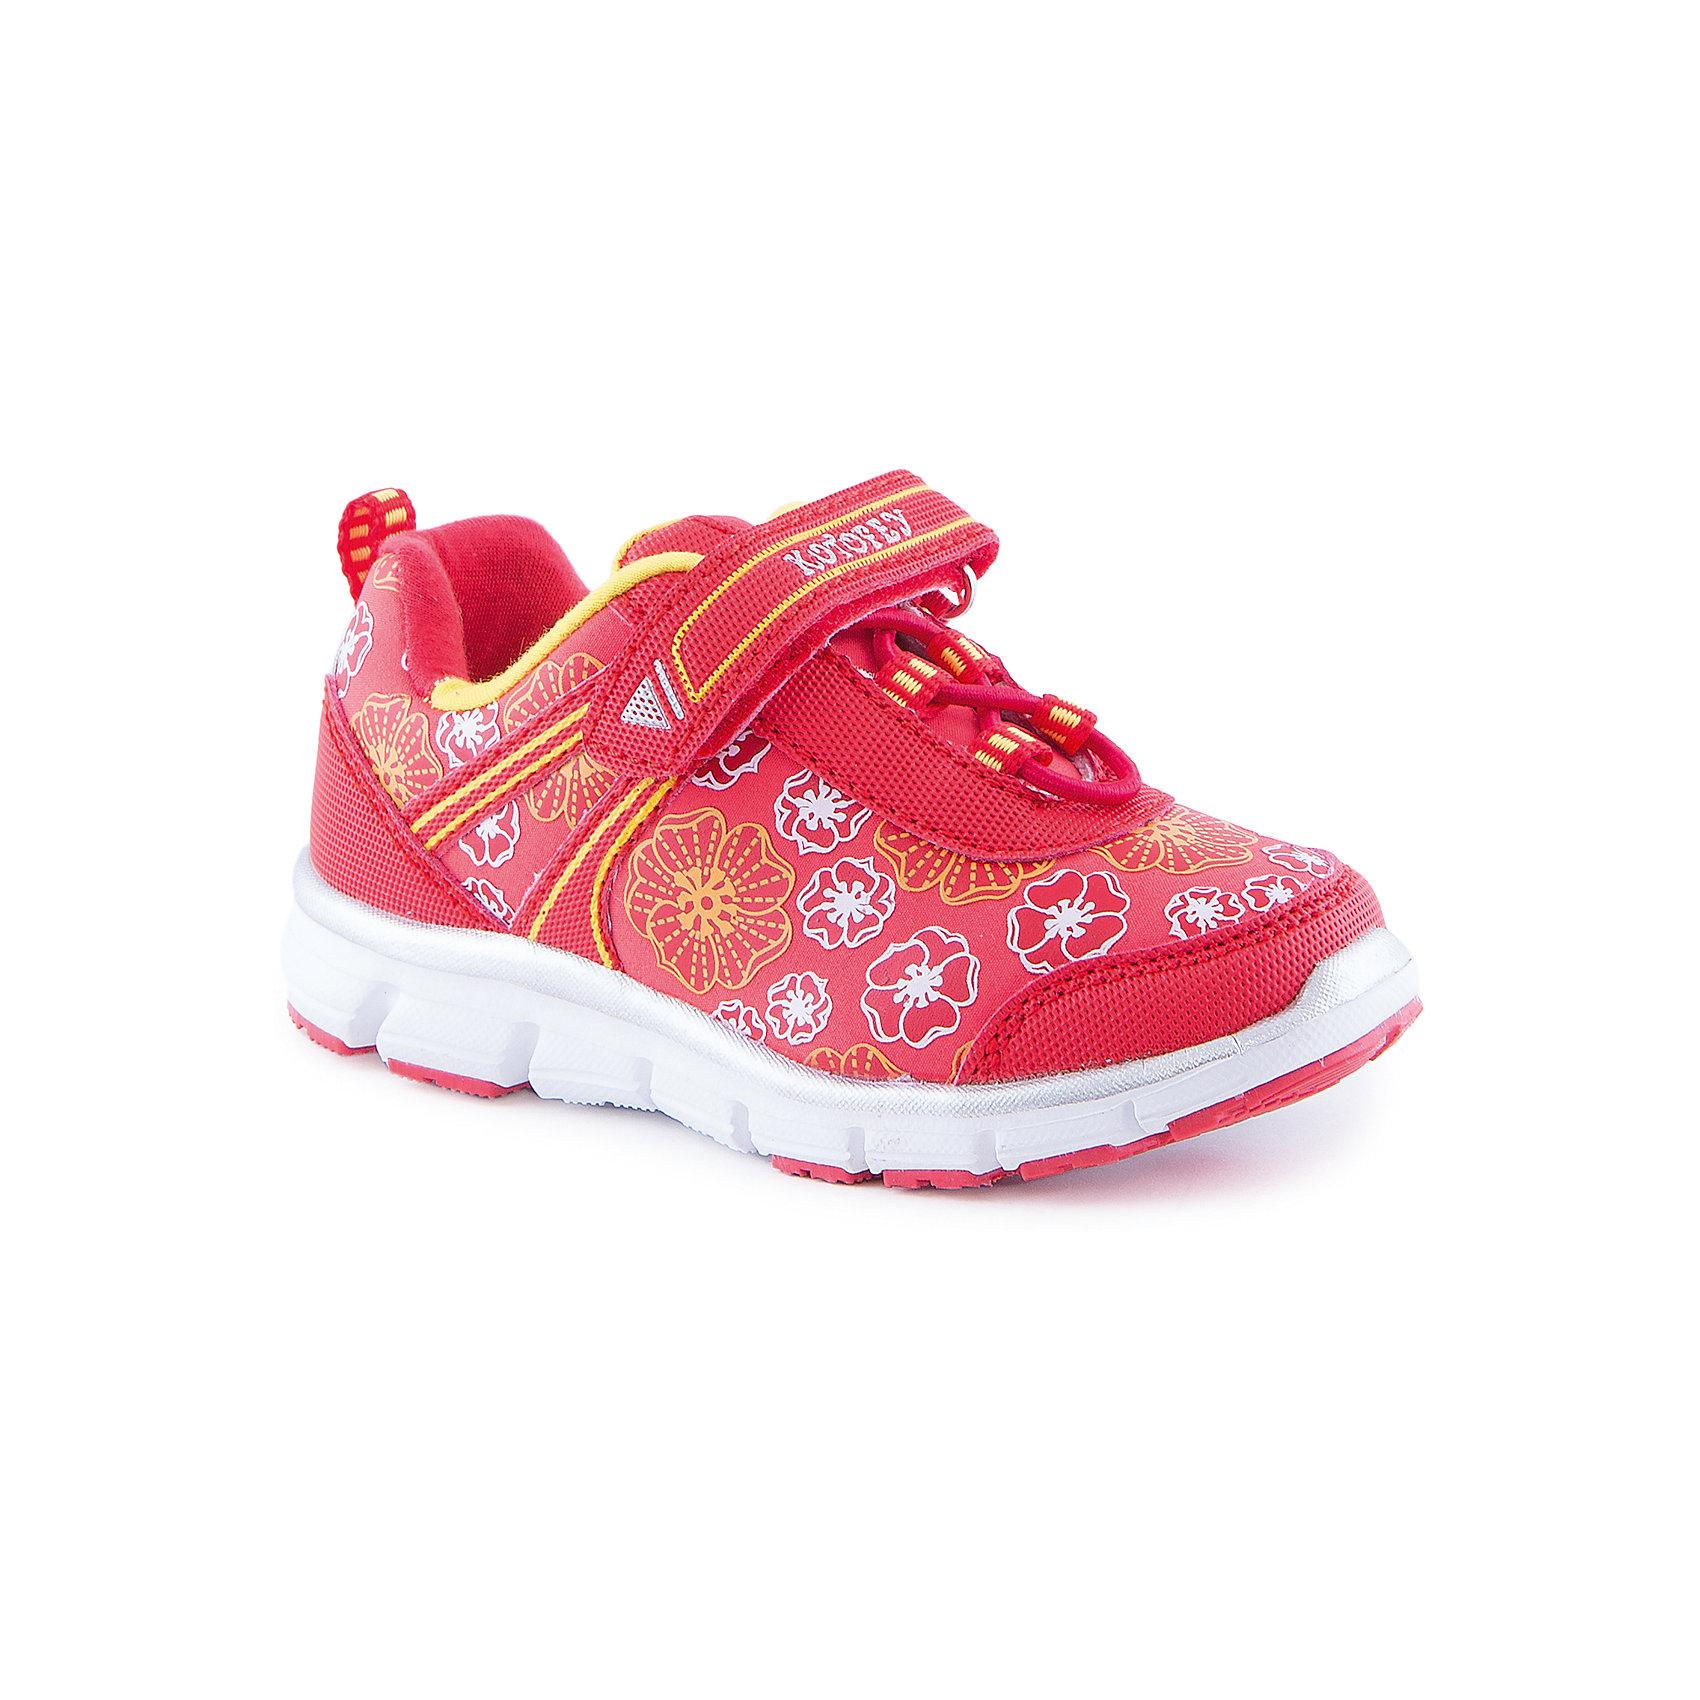 Кроссовки  для девочки КотофейПолуботинки для девочки от известного российского бренда Котофей<br><br>Модные яркие полуботинки помогут защитить детские ножки от прохлады и обеспечат удобство. Они легко надеваются, комфортно садятся по ноге. <br>Изделия украшены аппликацией. На липучке - бренд производителя.<br><br>Особенности модели:<br><br>- цвет - красный;<br>- декорированы принтом;<br>- верх - дышащий;<br>- вид крепления – клеевой;<br>- защита пальцев;<br>- амортизирующая устойчивая подошва;<br>- застежка - липучки.<br><br>Дополнительная информация:<br><br>Температурный режим:<br><br>от +10° С до +20° С<br><br>Состав:<br>верх – комбинированный материал;<br>подкладка - комбинированный материал;<br>подошва - филон+ТЭП.<br><br>Полуботинки для девочки Котофей можно купить в нашем магазине.<br><br>Ширина мм: 262<br>Глубина мм: 176<br>Высота мм: 97<br>Вес г: 427<br>Цвет: красный<br>Возраст от месяцев: 48<br>Возраст до месяцев: 60<br>Пол: Женский<br>Возраст: Детский<br>Размер: 28,29,30,27,26,25<br>SKU: 4565872